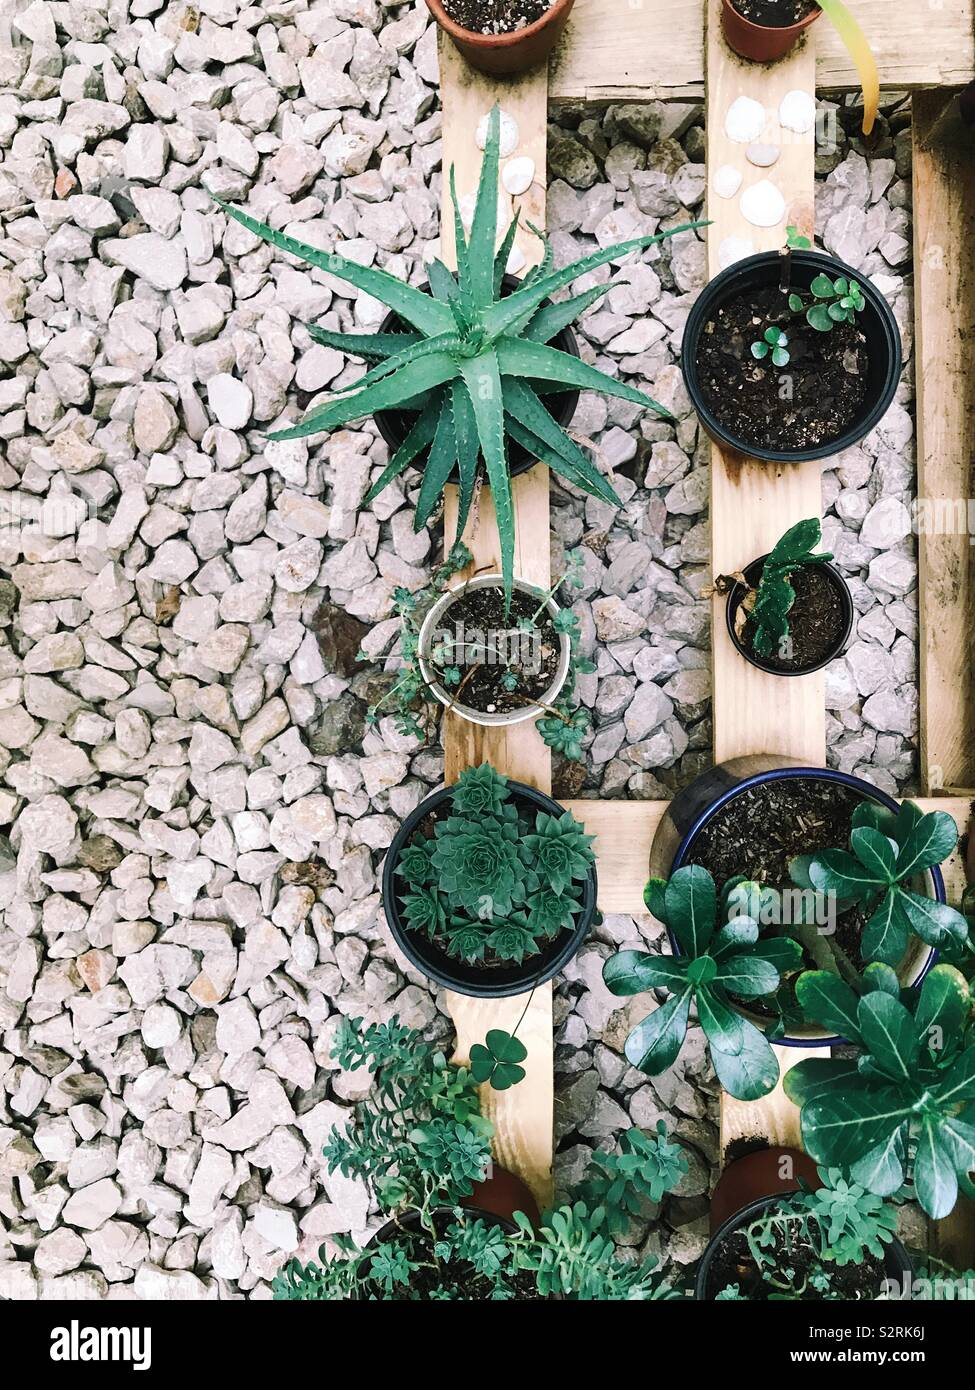 Grupo de plantas suculentas en una bandeja de madera y suelo de grava (vertical). Aloe, hecheveria, y otros. Oaxaca de Juárez, Oaxaca, México. 4 de julio de 2019 Foto de stock